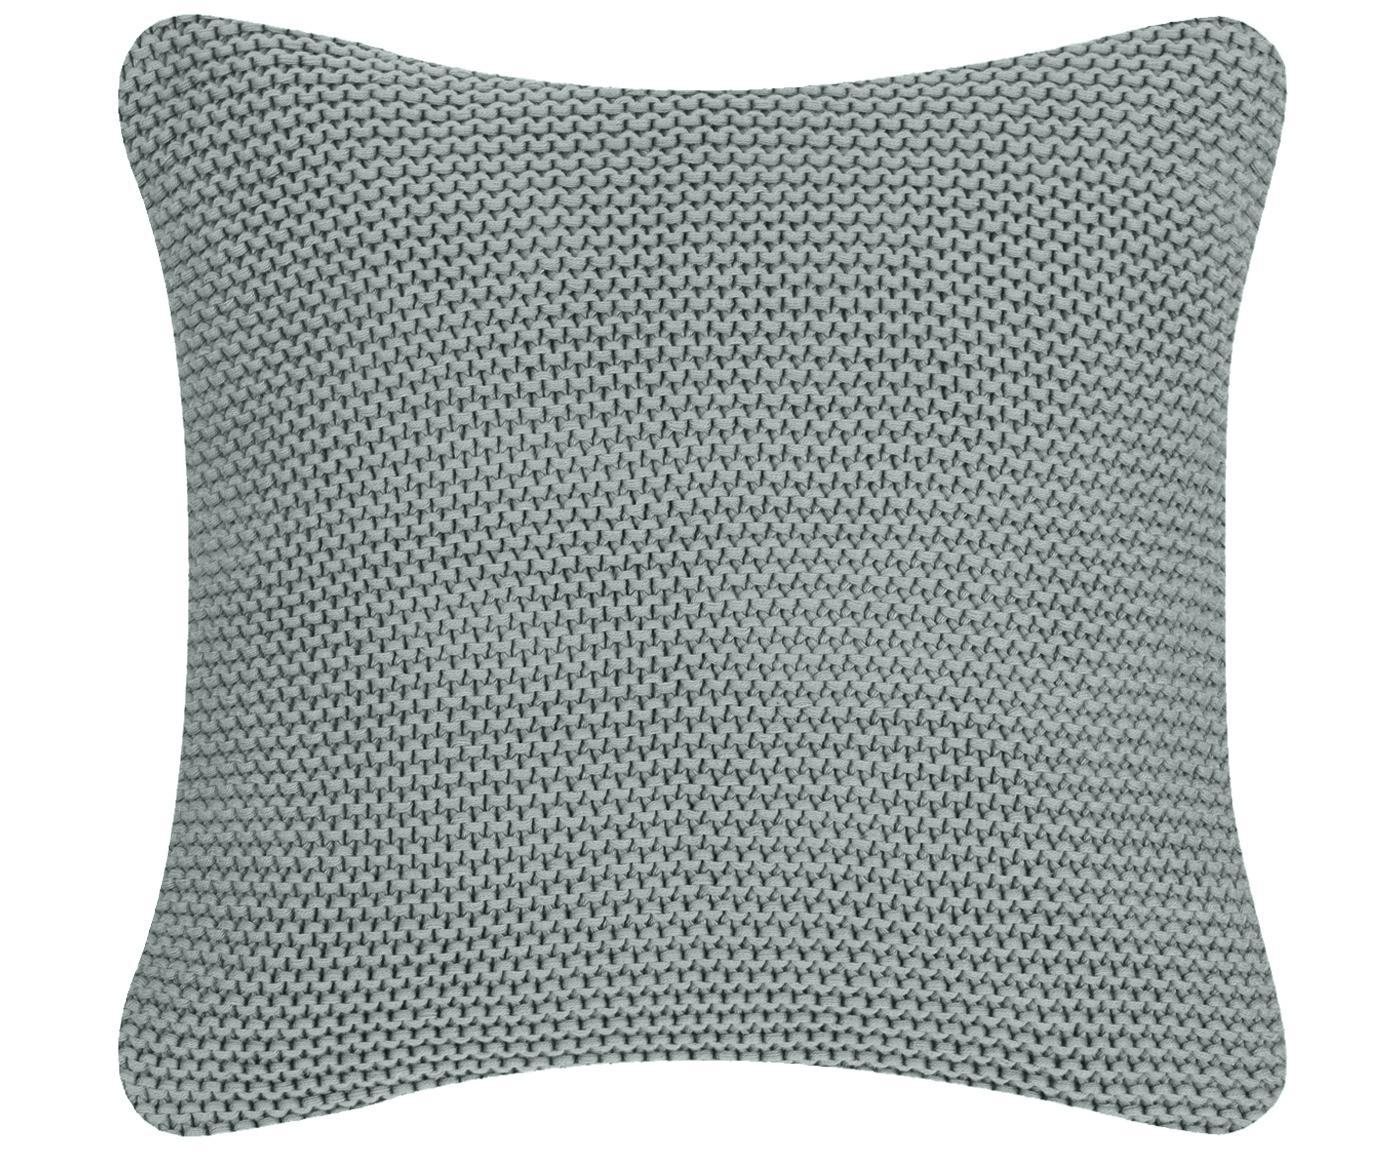 Strick-Kissenhülle Adalyn in Salbeigrün, 100% Baumwolle, Salbeigrün, 50 x 50 cm